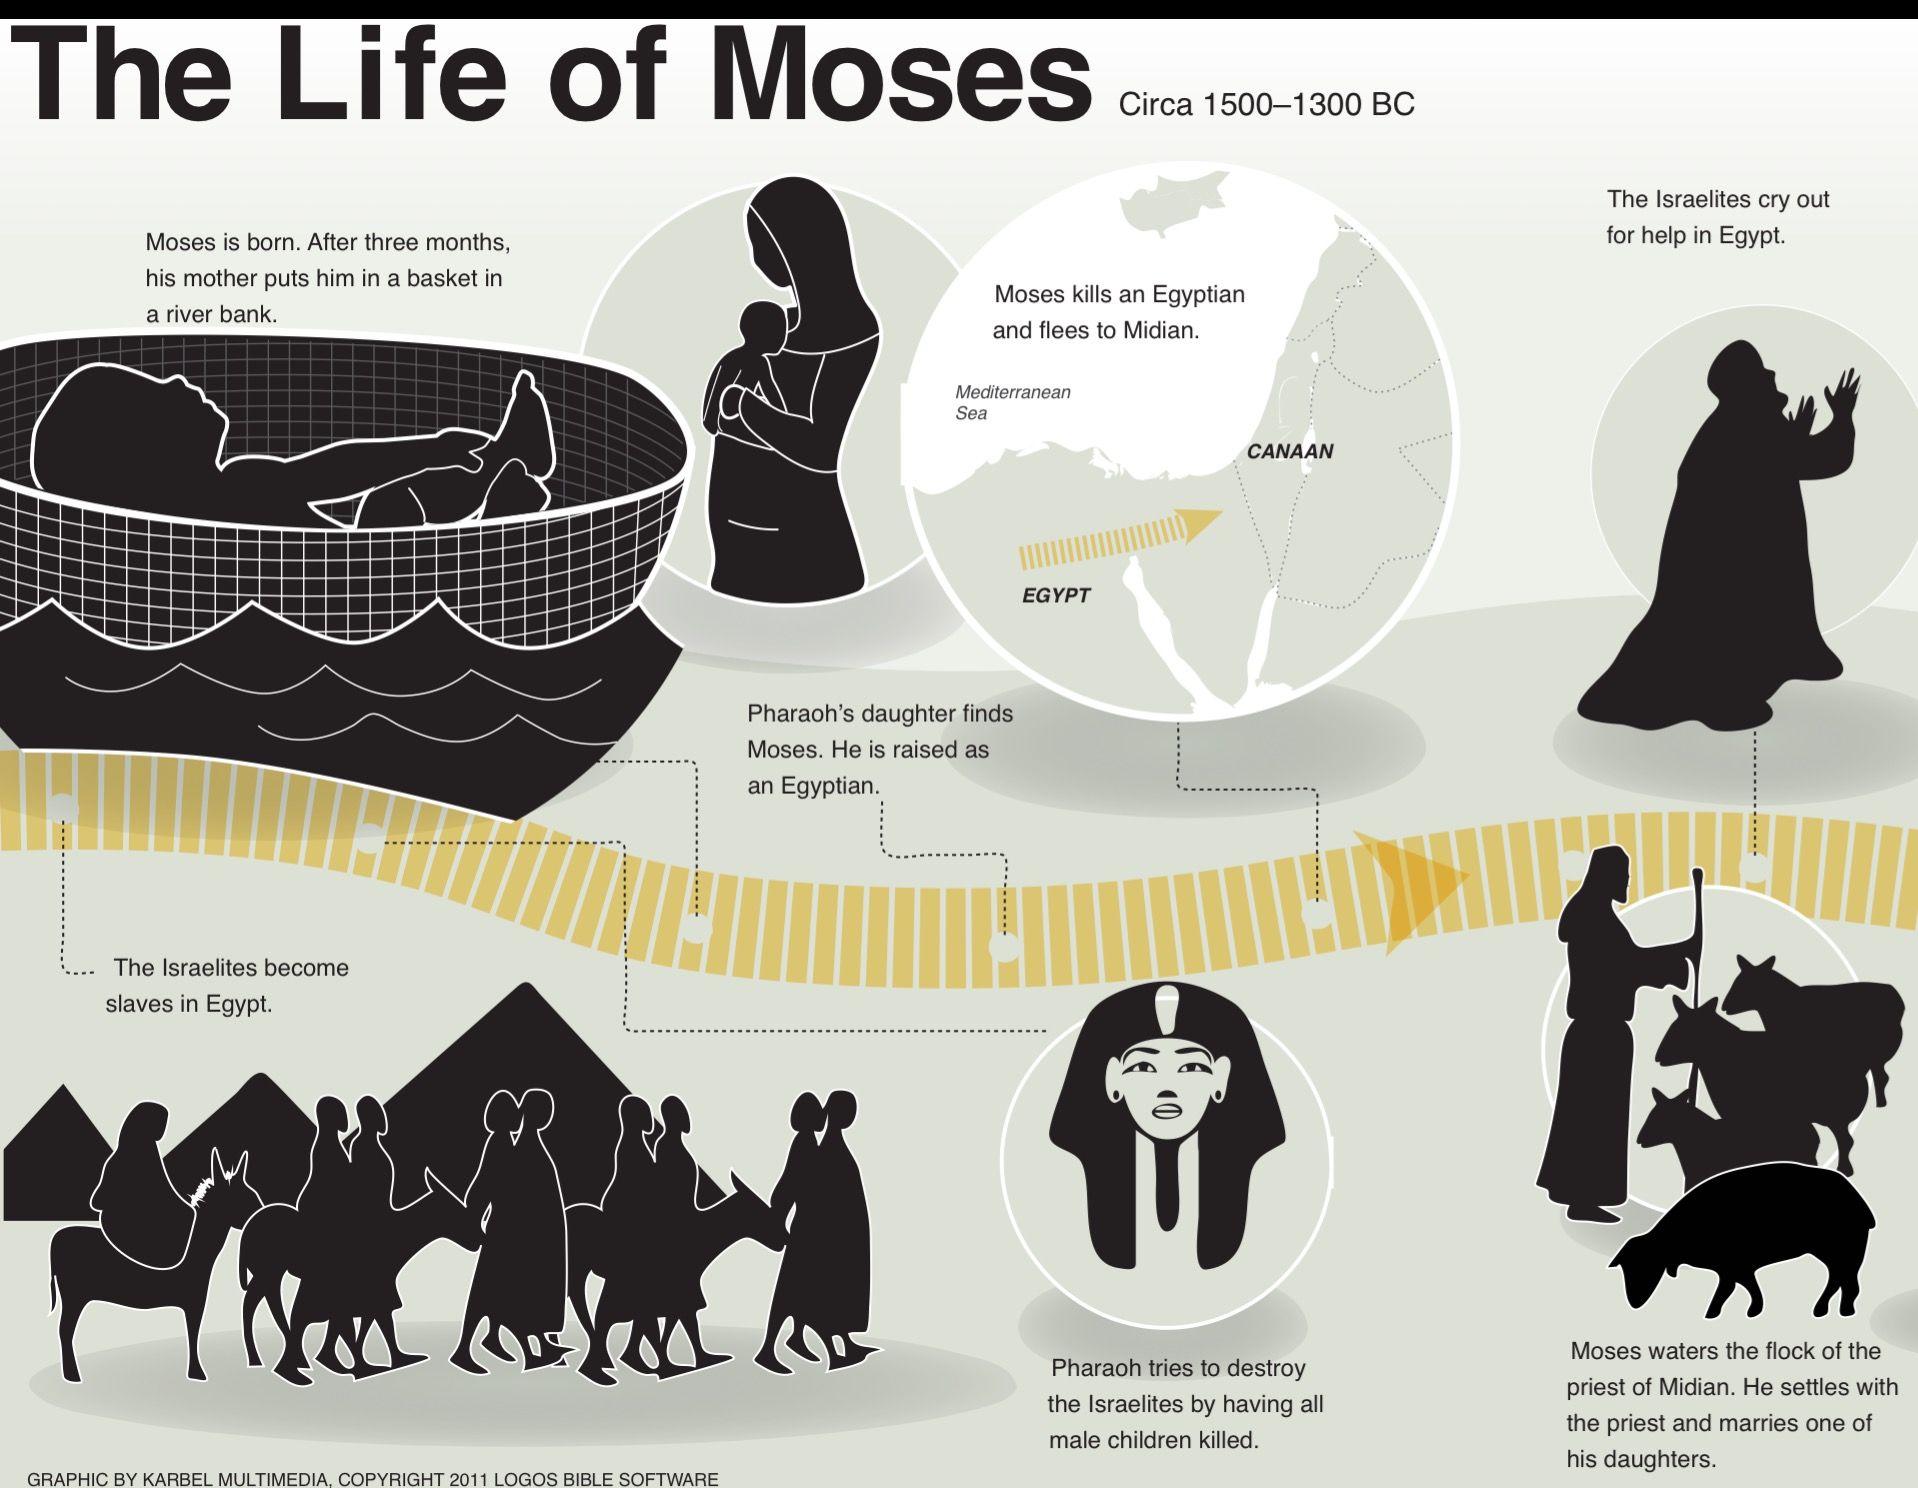 Life of Moses | Exod 1-2:23 #exodus | Exodus | Pinterest | Life and Of